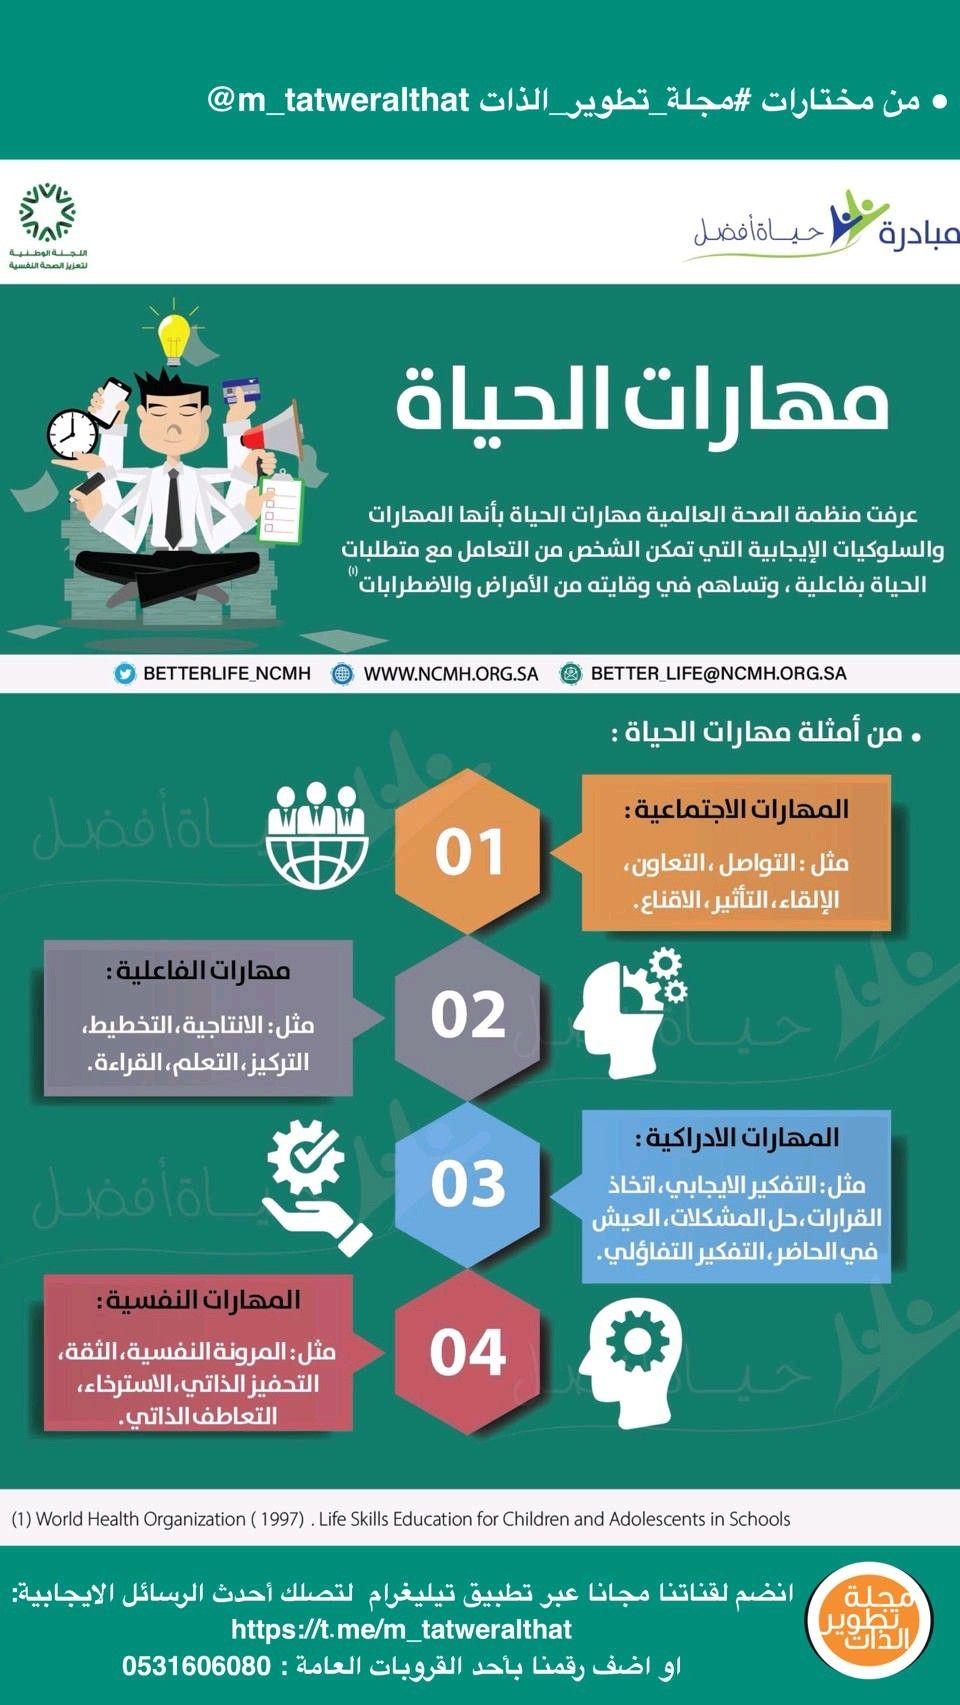 Pin By Sana Azhary On تطوير الذات Study Skills Better Life Arabic Quotes